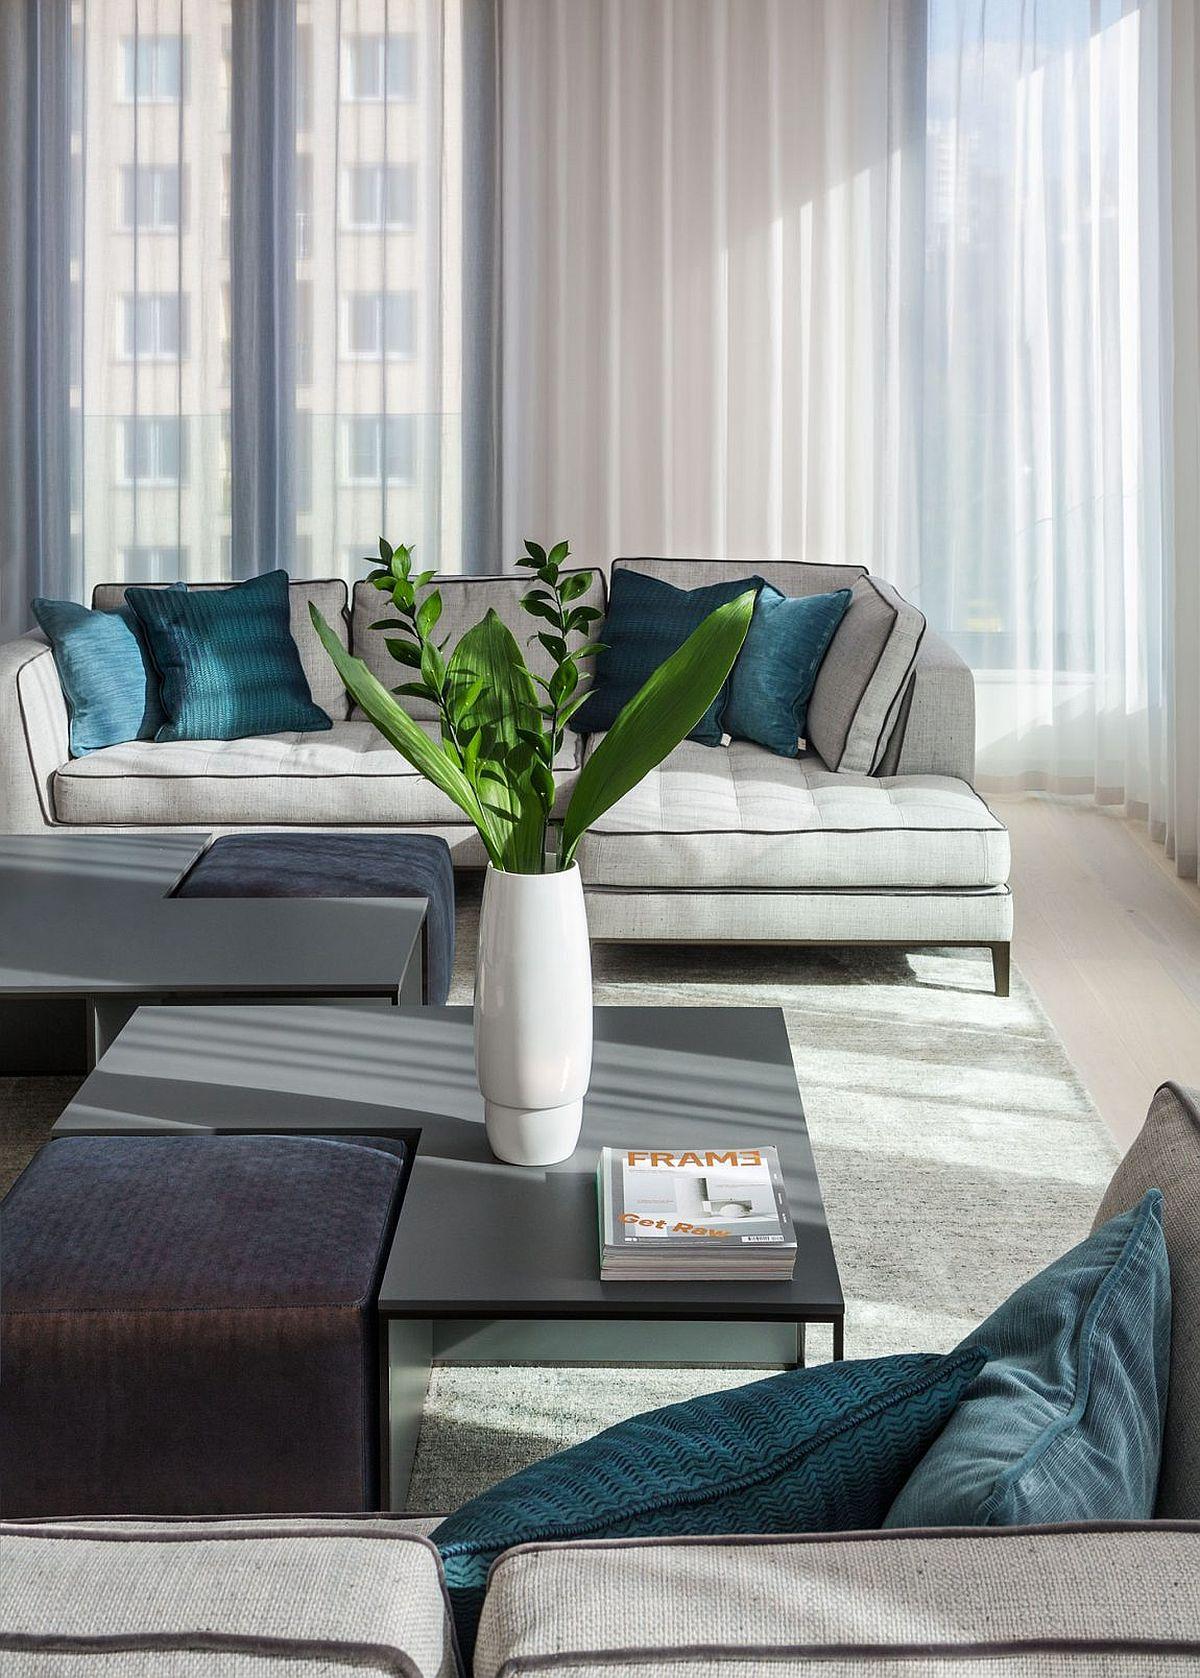 Custom upholstered B + B Italia sofas with velvet and gray piping